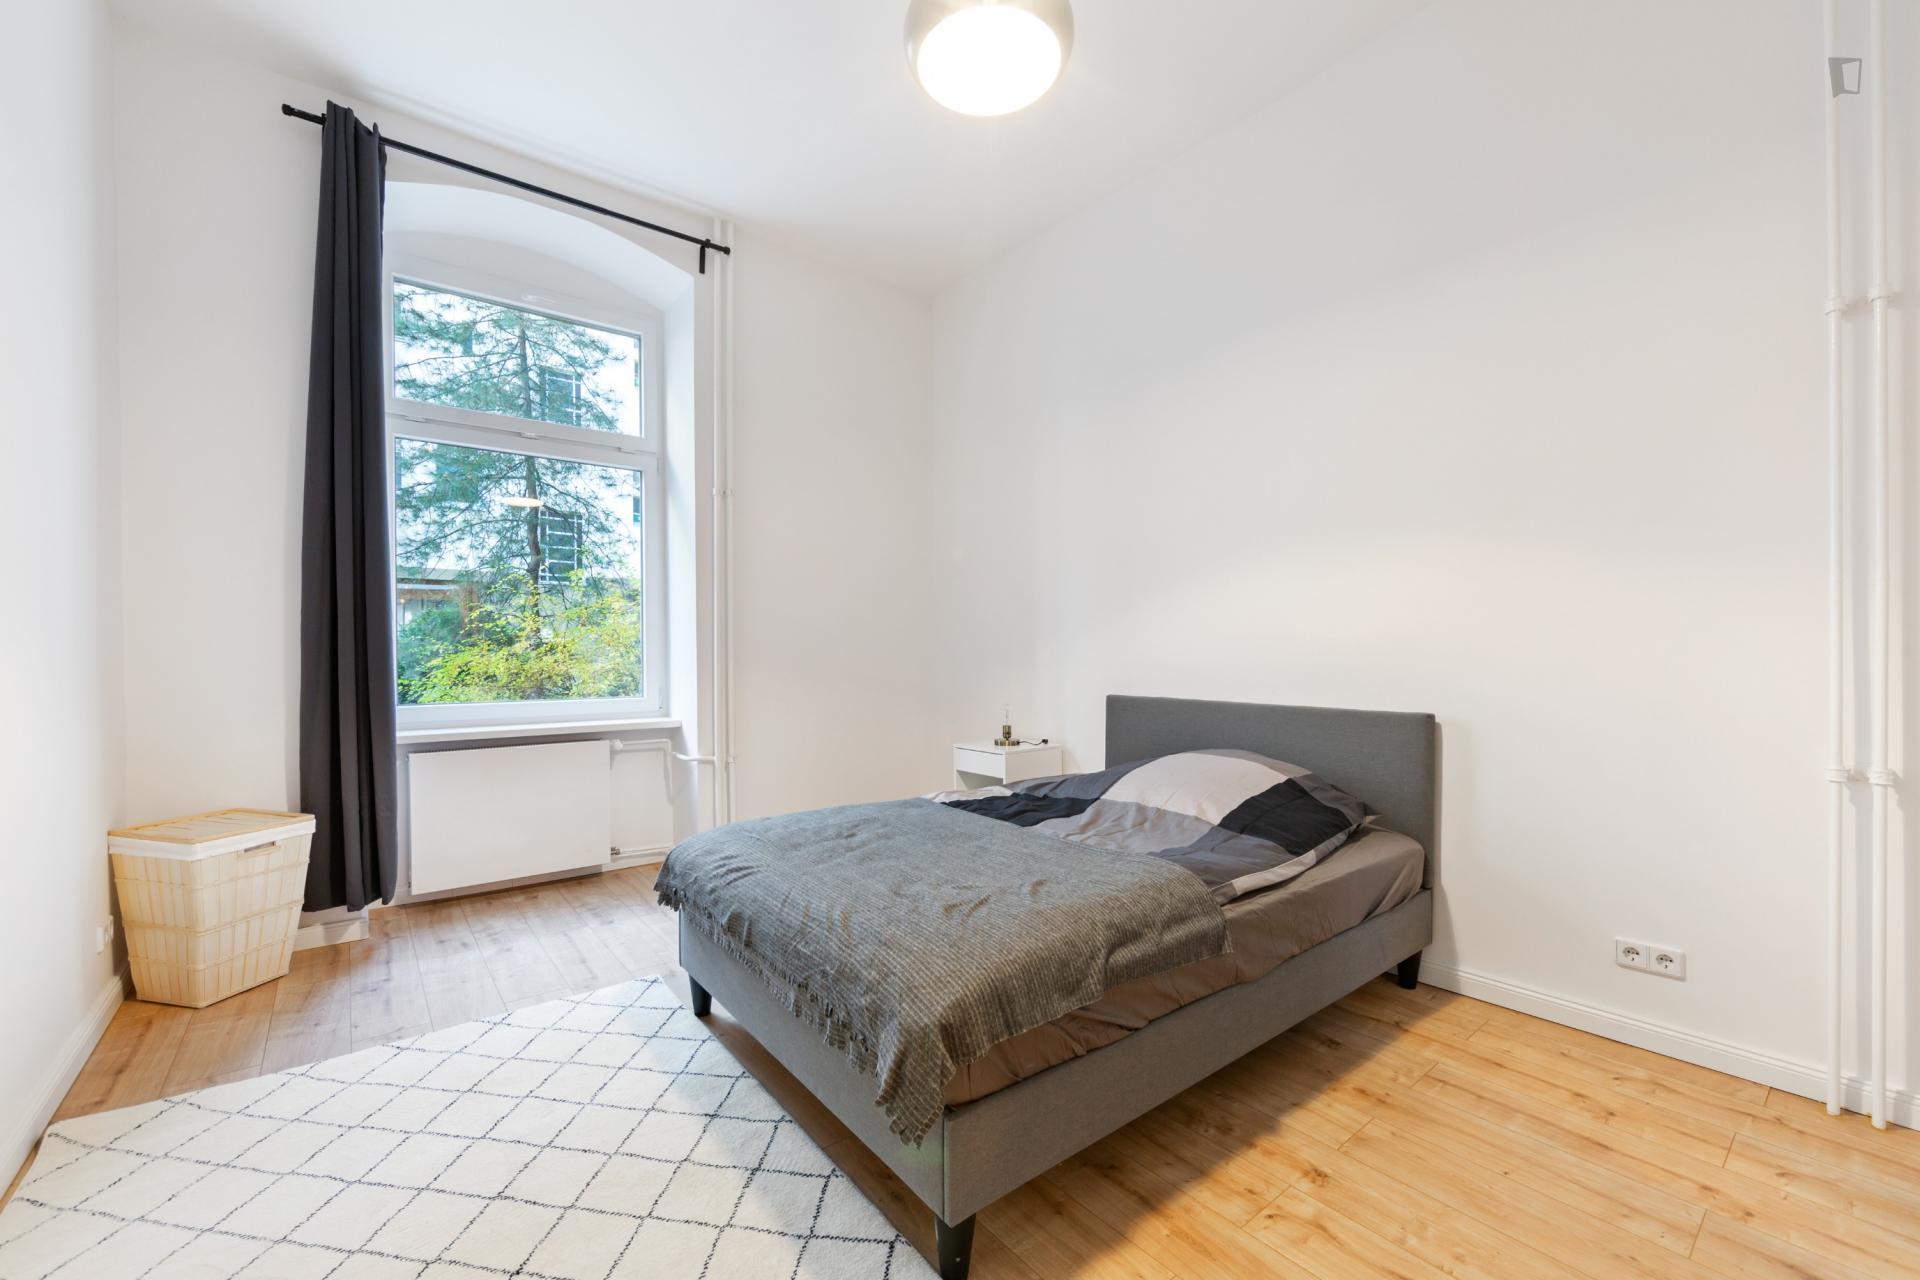 Grafe - Spacious expat flat in Berlin